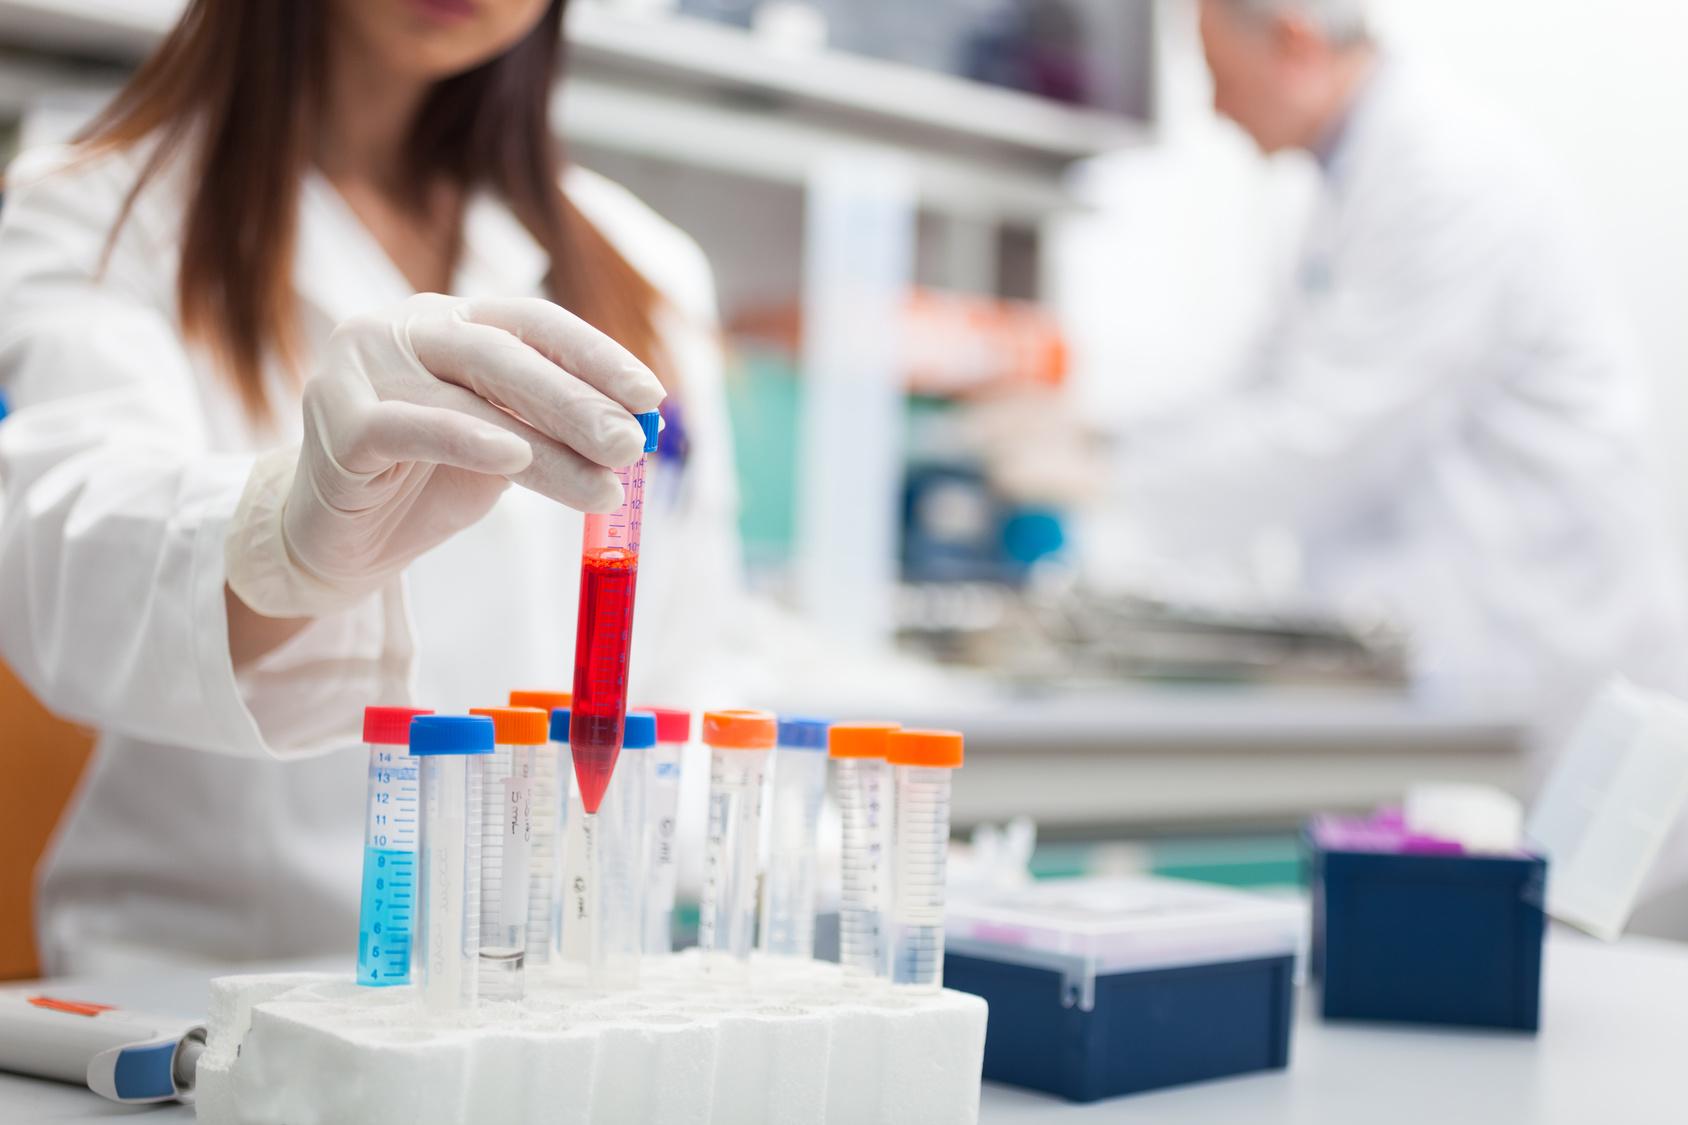 badania laboratoryjne przed ciążą